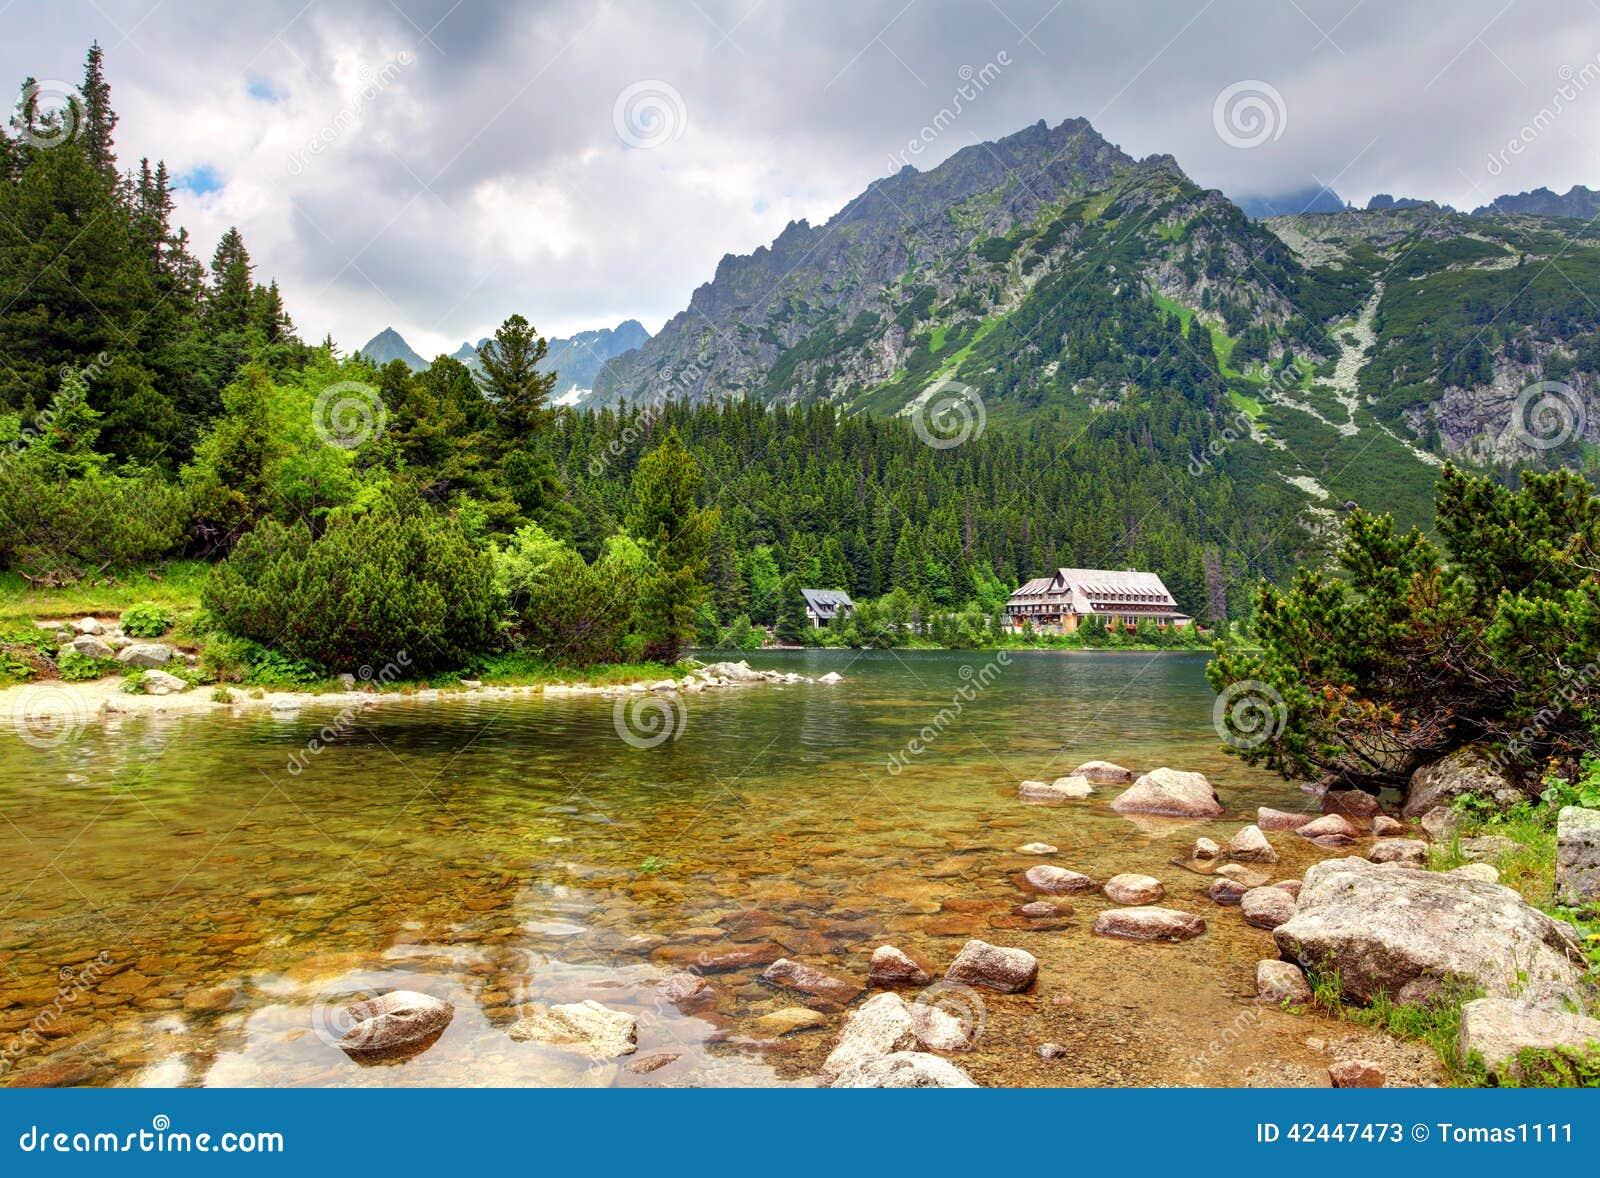 Popradske pleso - Slovakien berglandskap på sommar